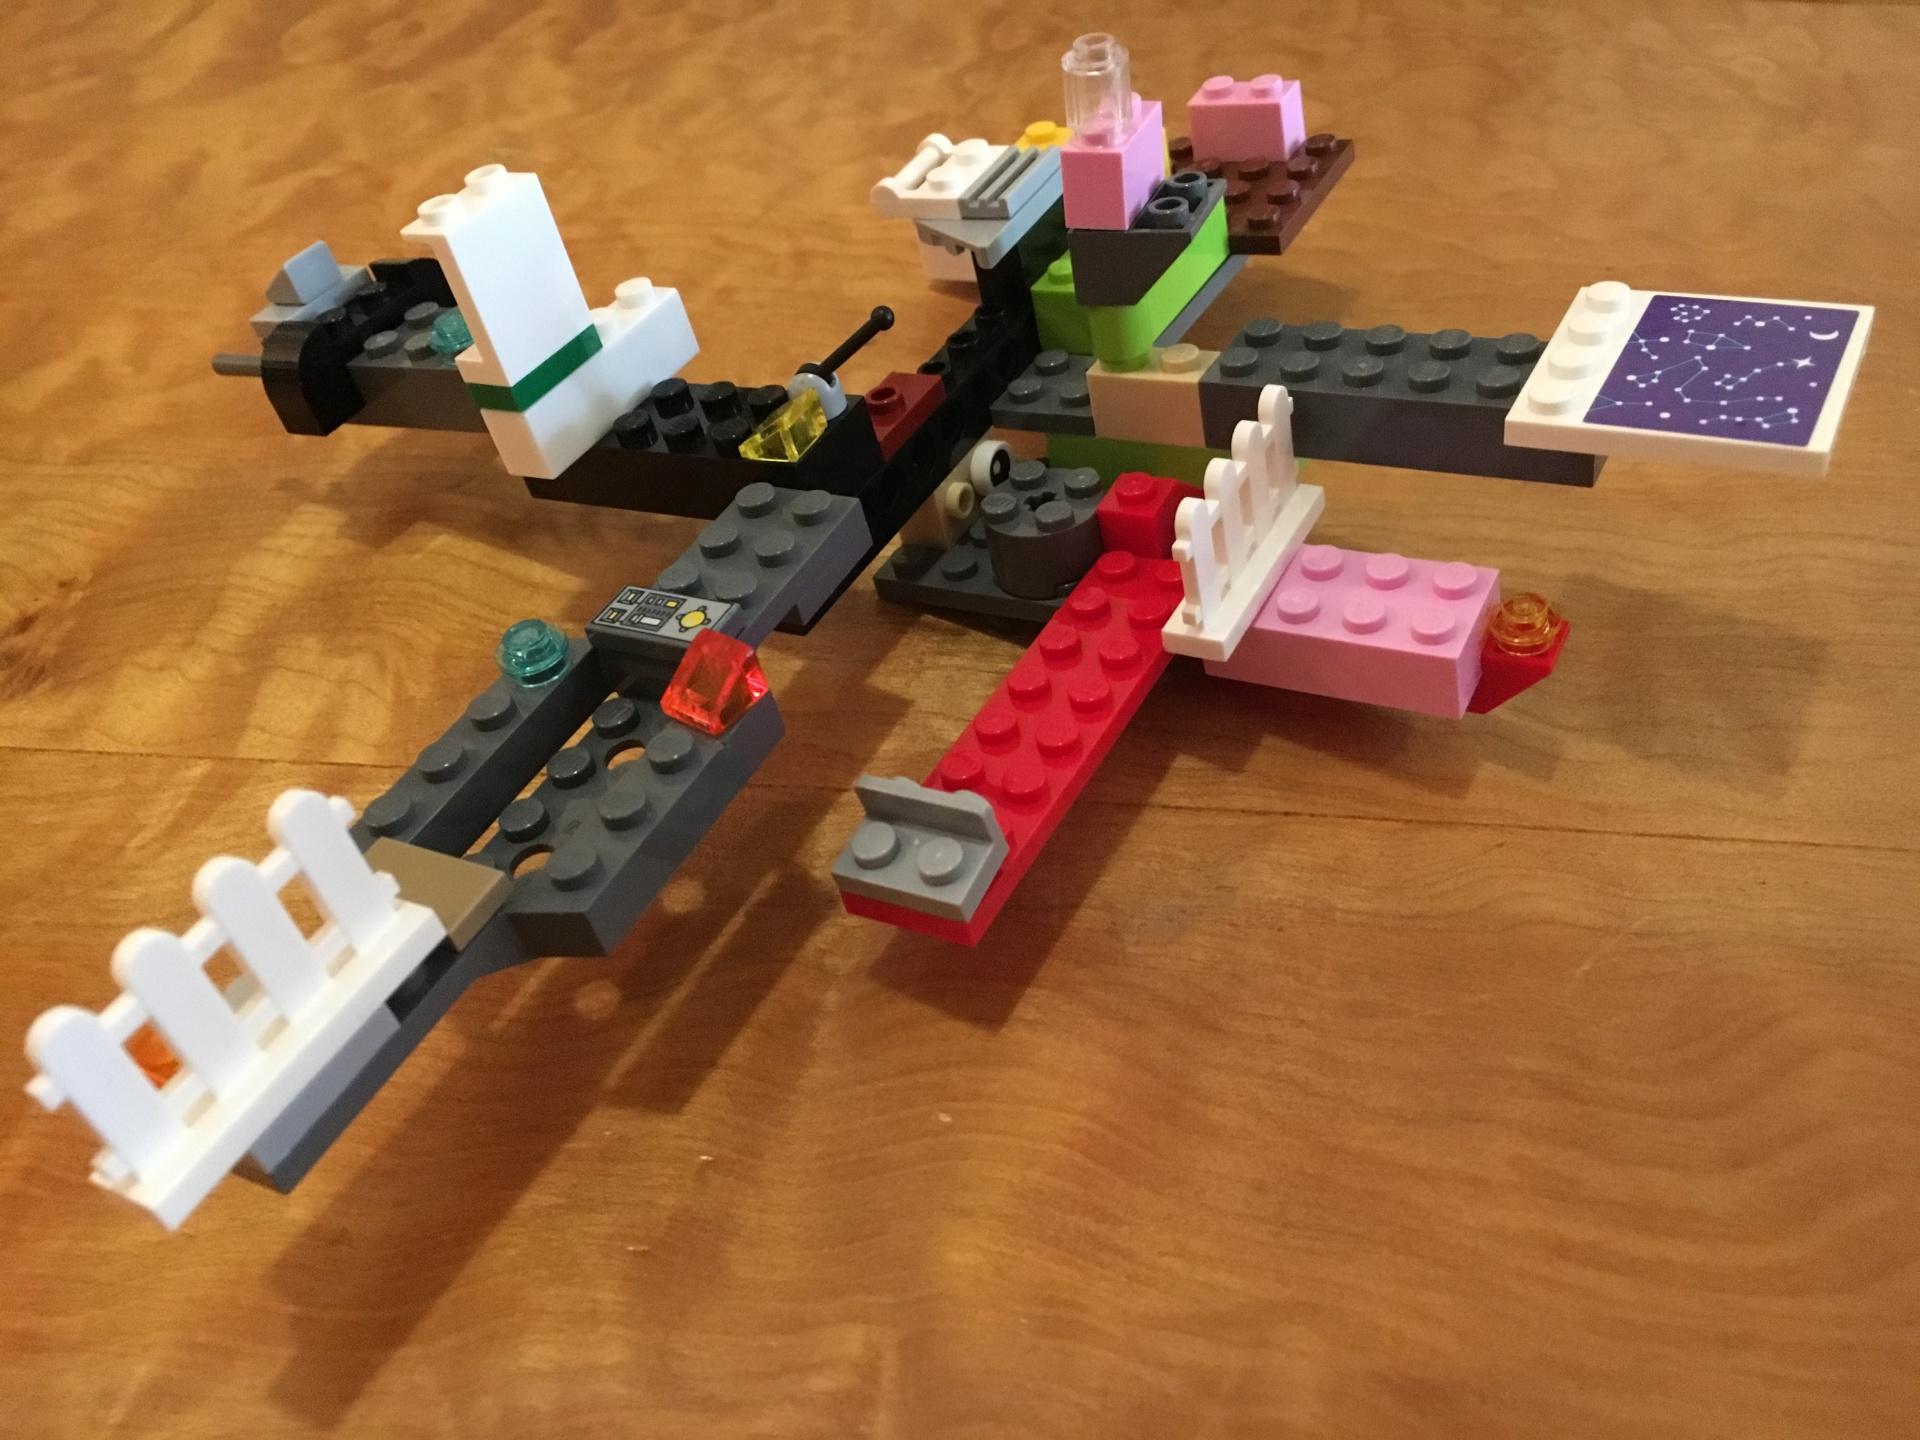 スターウォーズ好きの息子が作った宇宙船です 細か こどものさくひん さくひん No 268